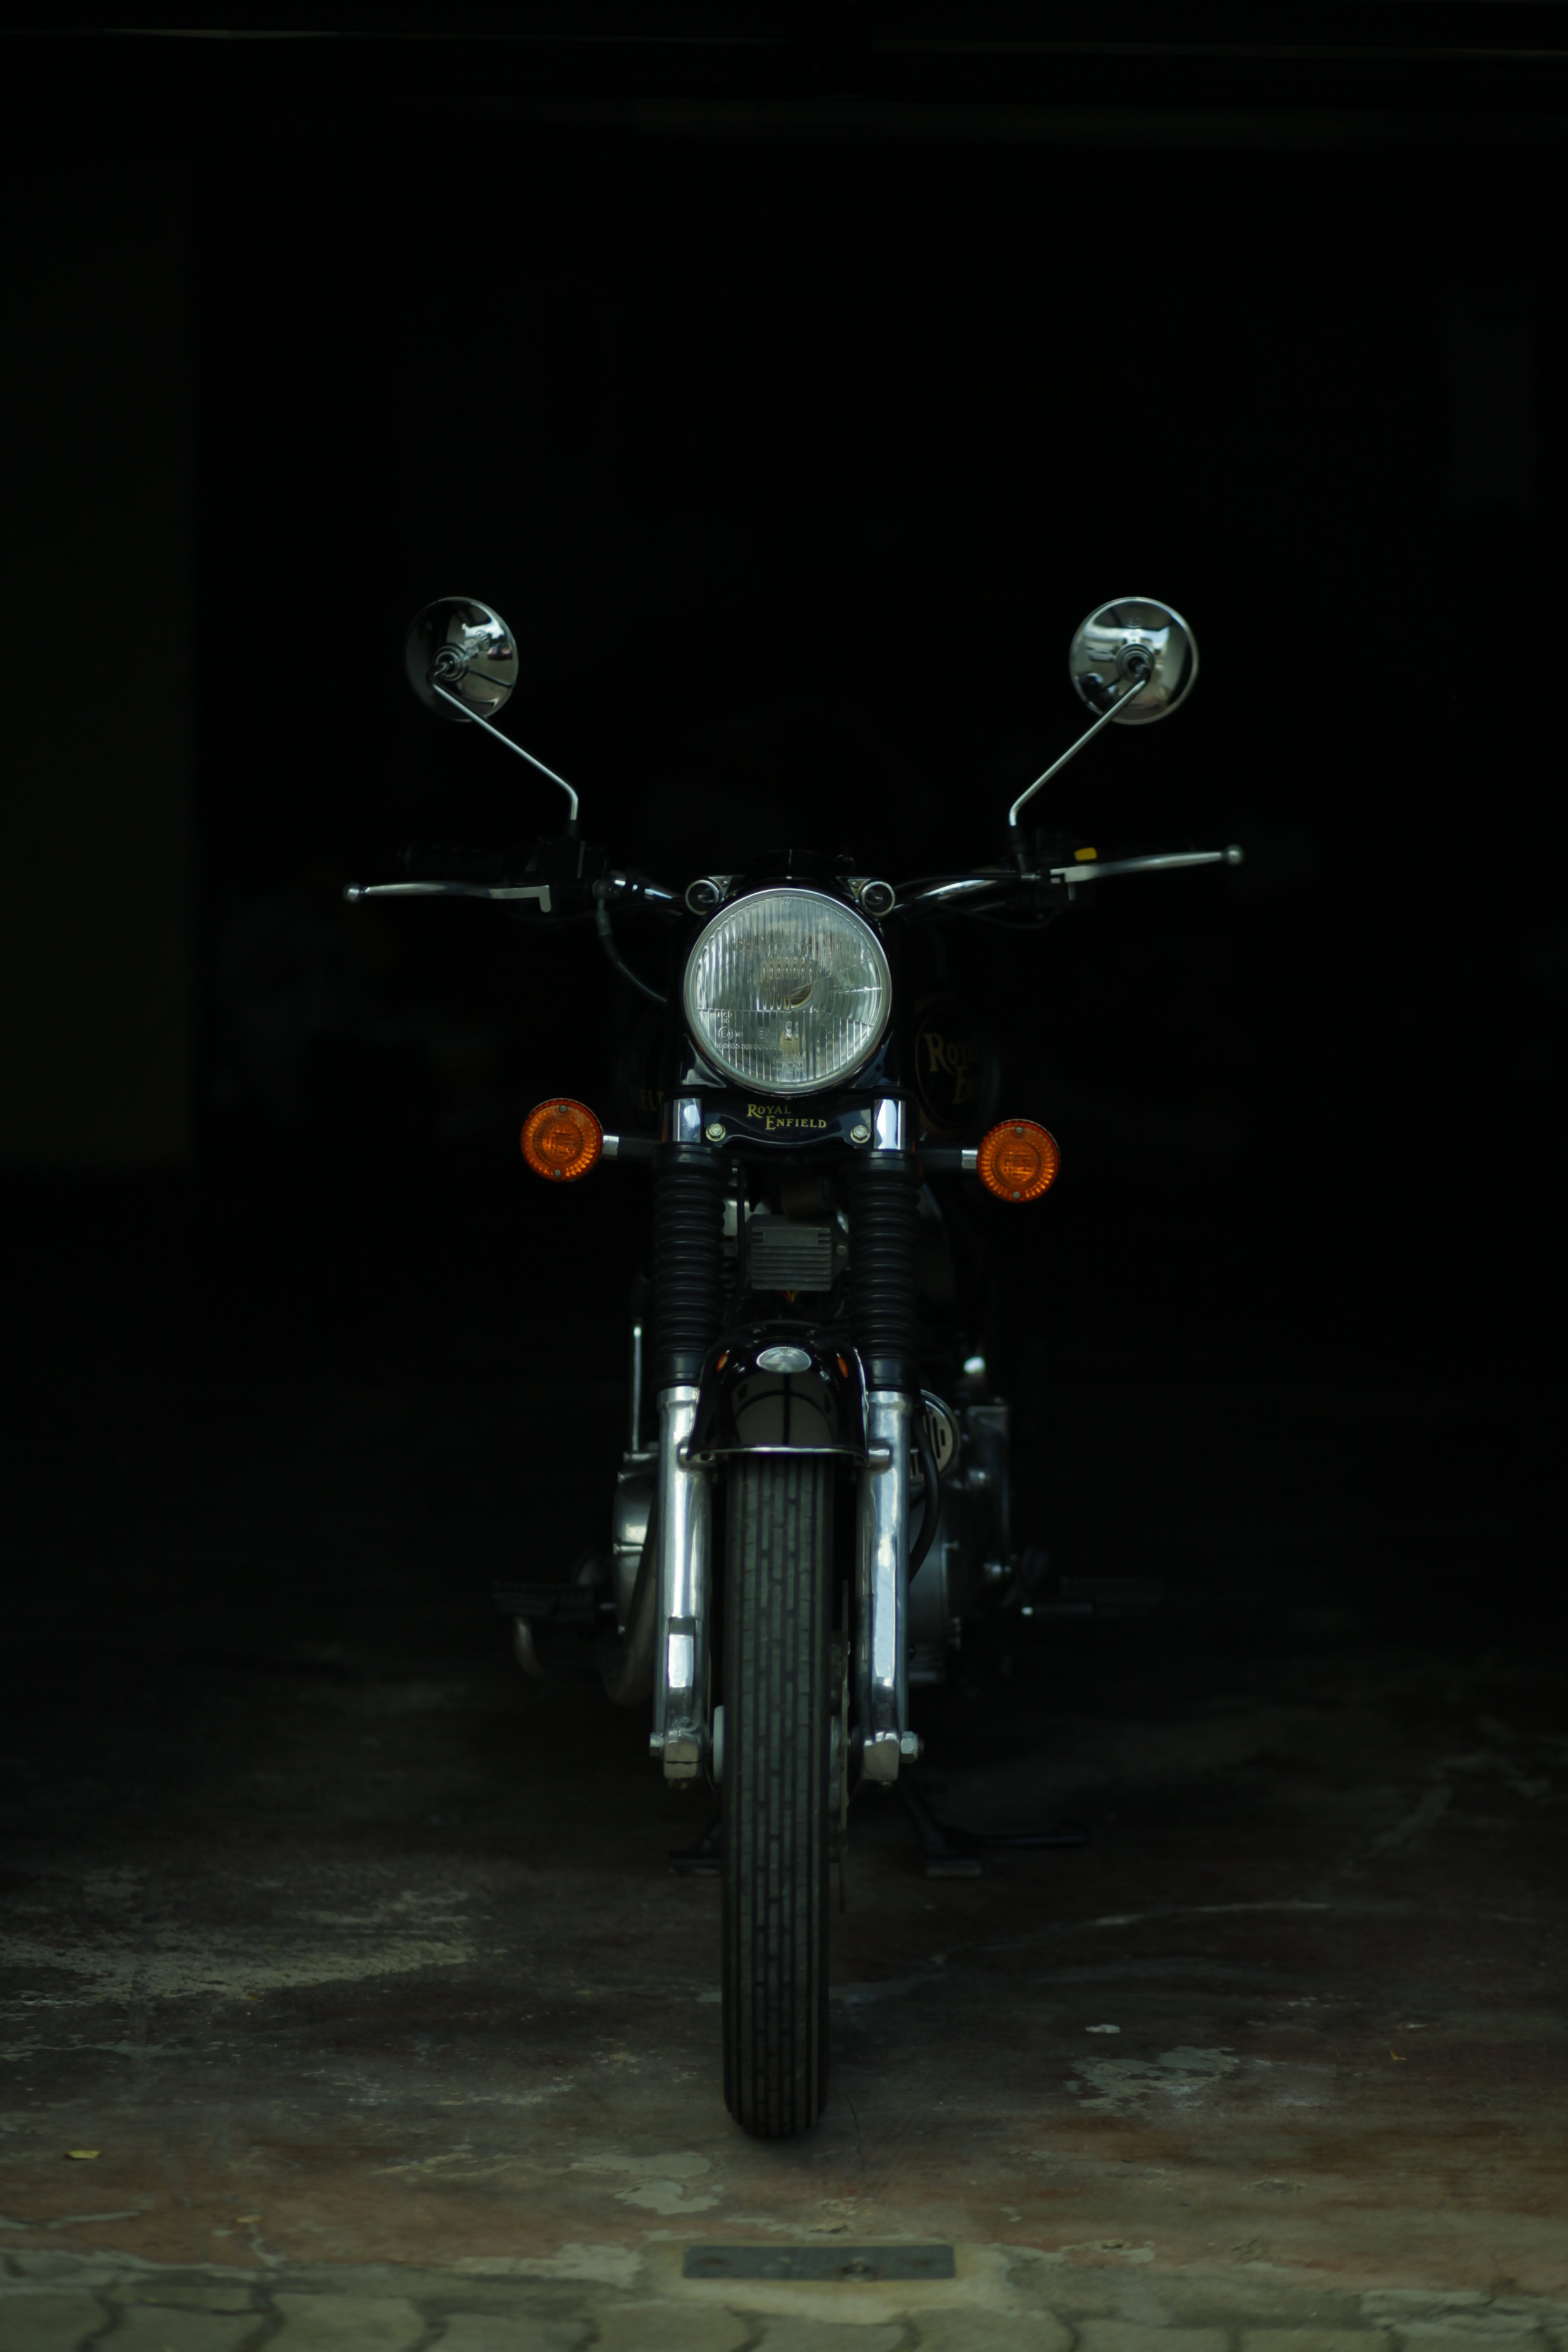 gants moto homolgués kytone roayla enfield